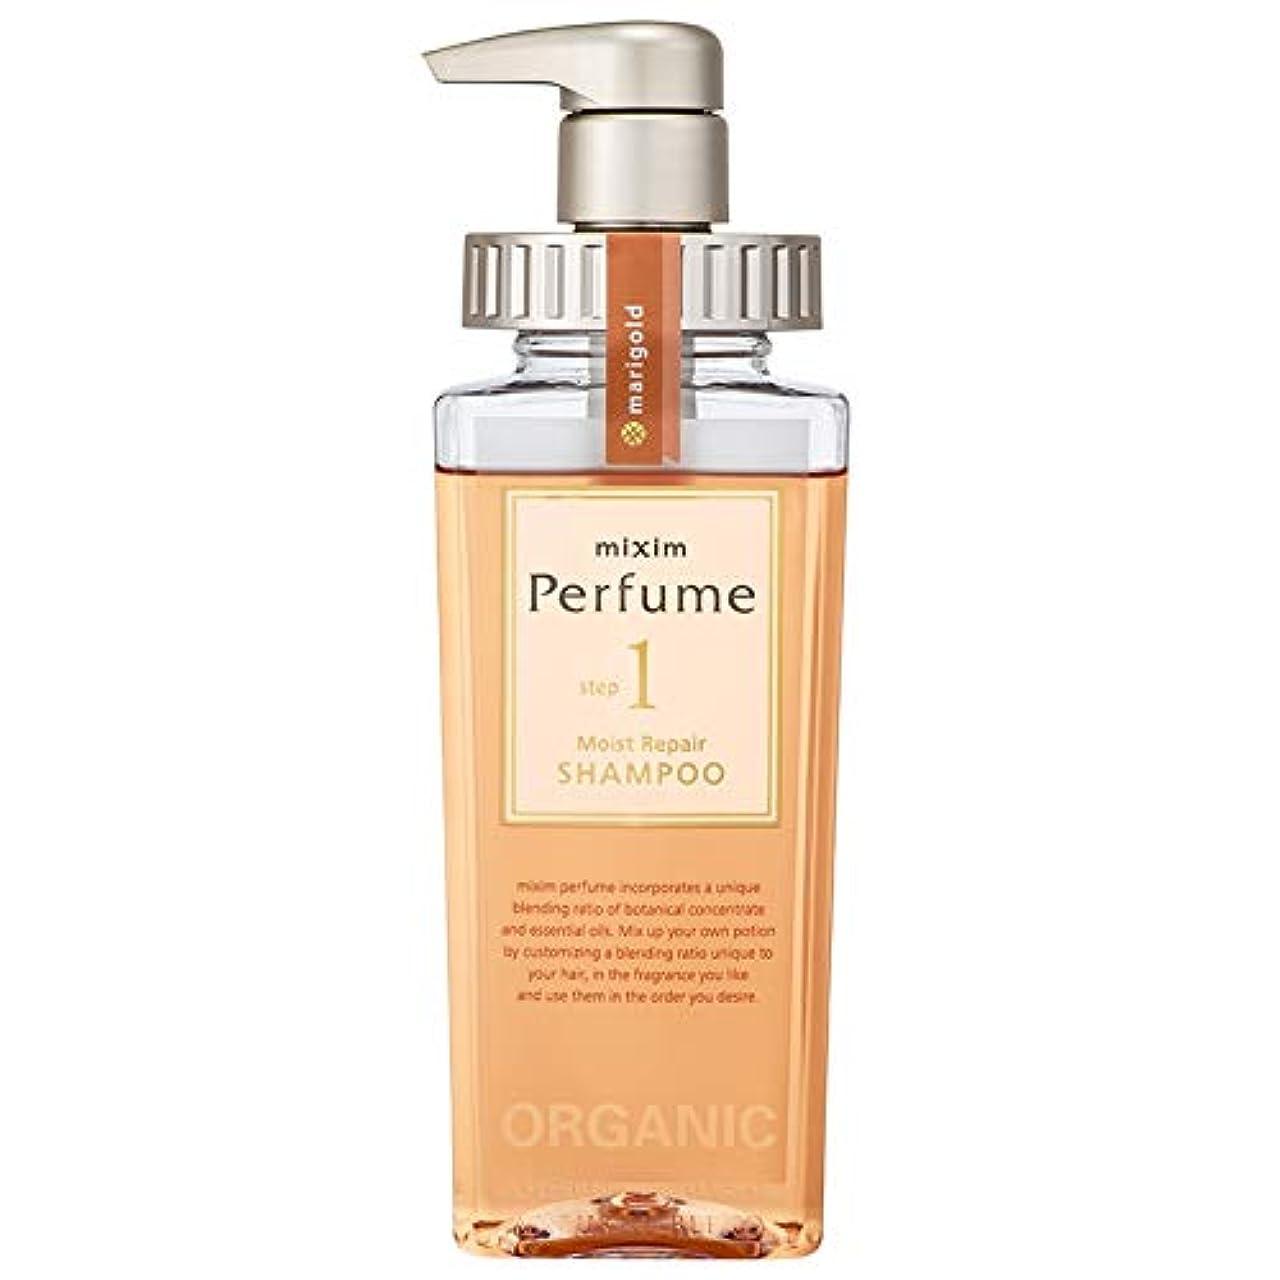 コンクリートしないでください実業家mixim Perfume(ミクシムパフューム) モイストリペア シャンプー 440mL